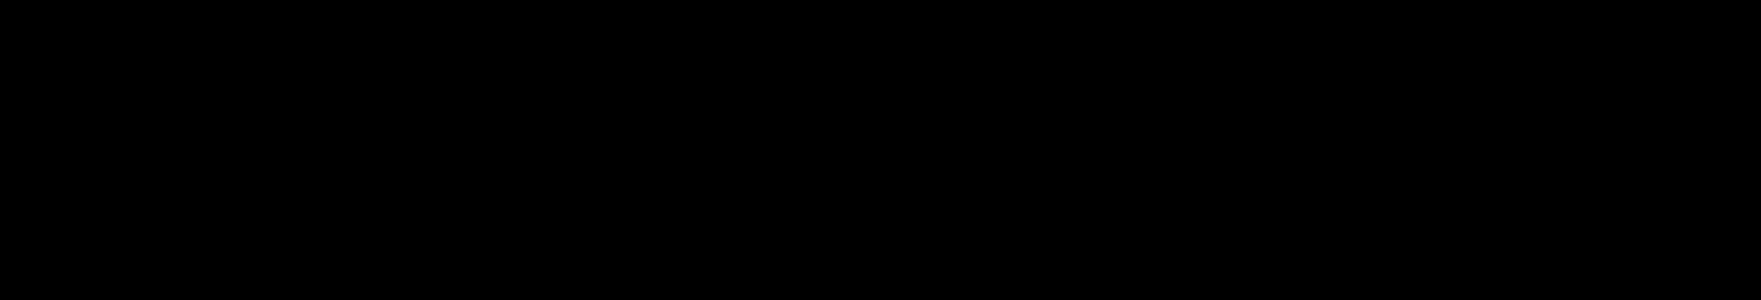 tembin-sen